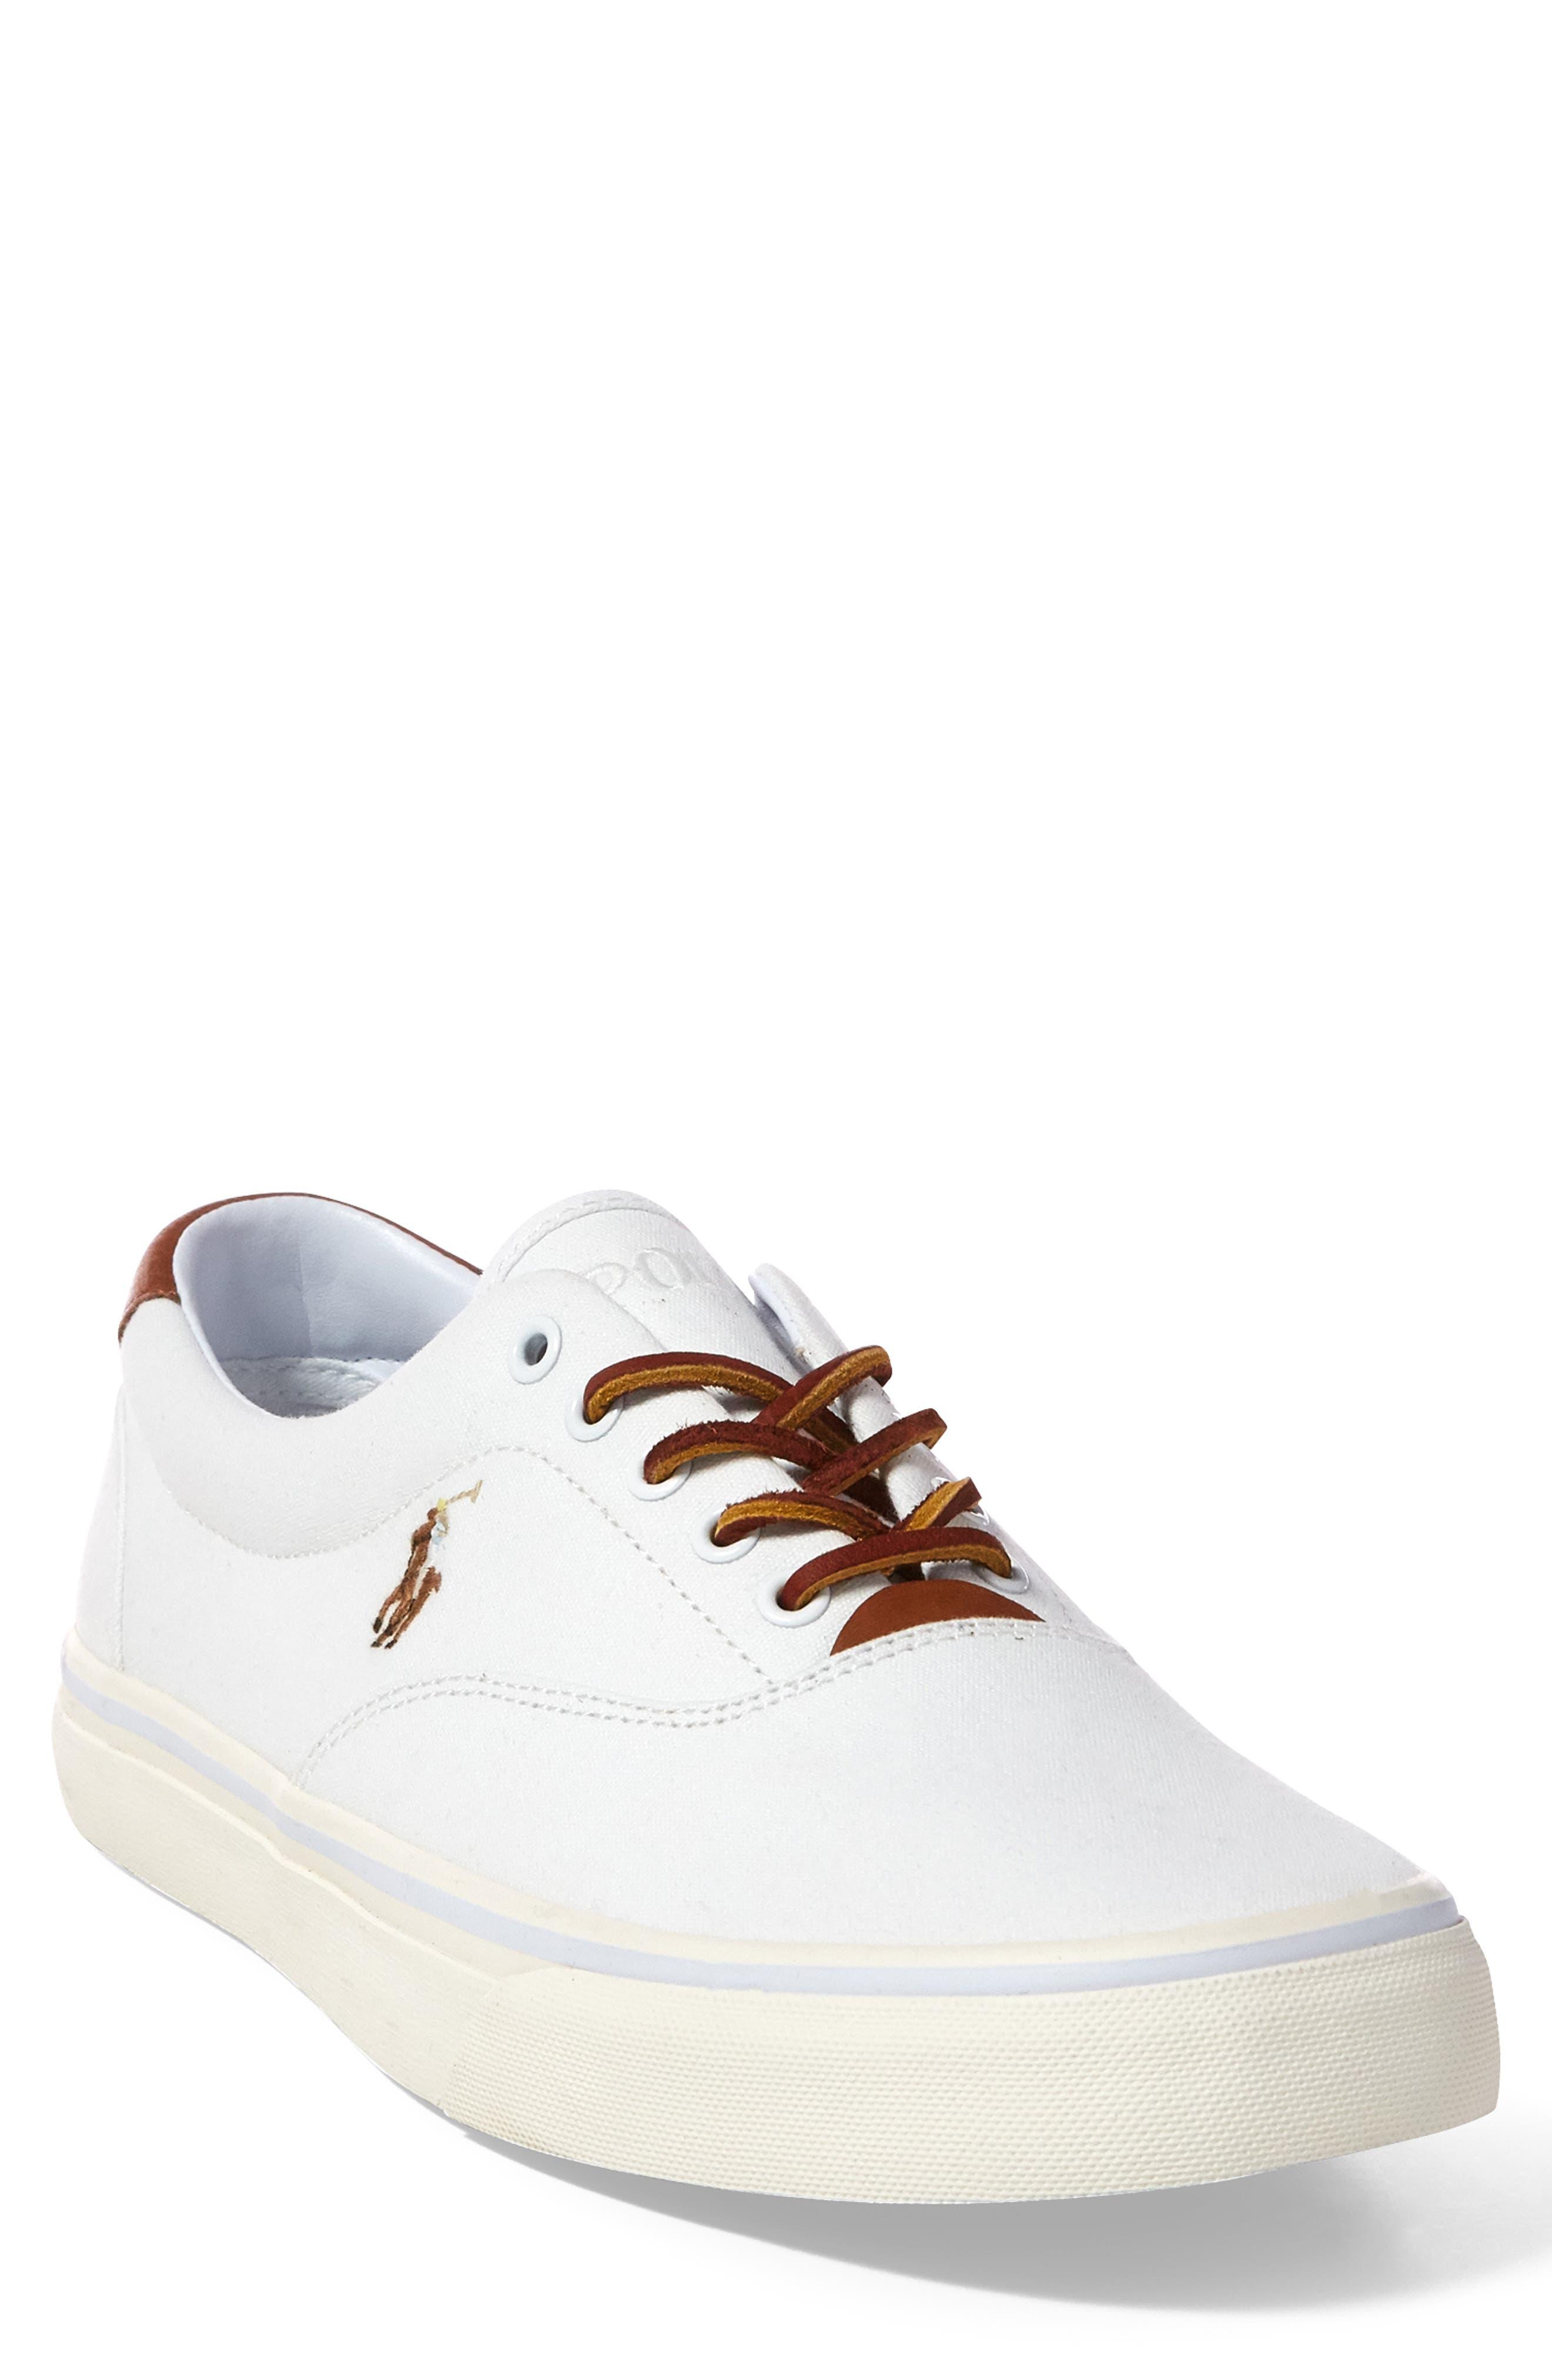 Polo Ralph Lauren Thorton Low Top Sneaker, White